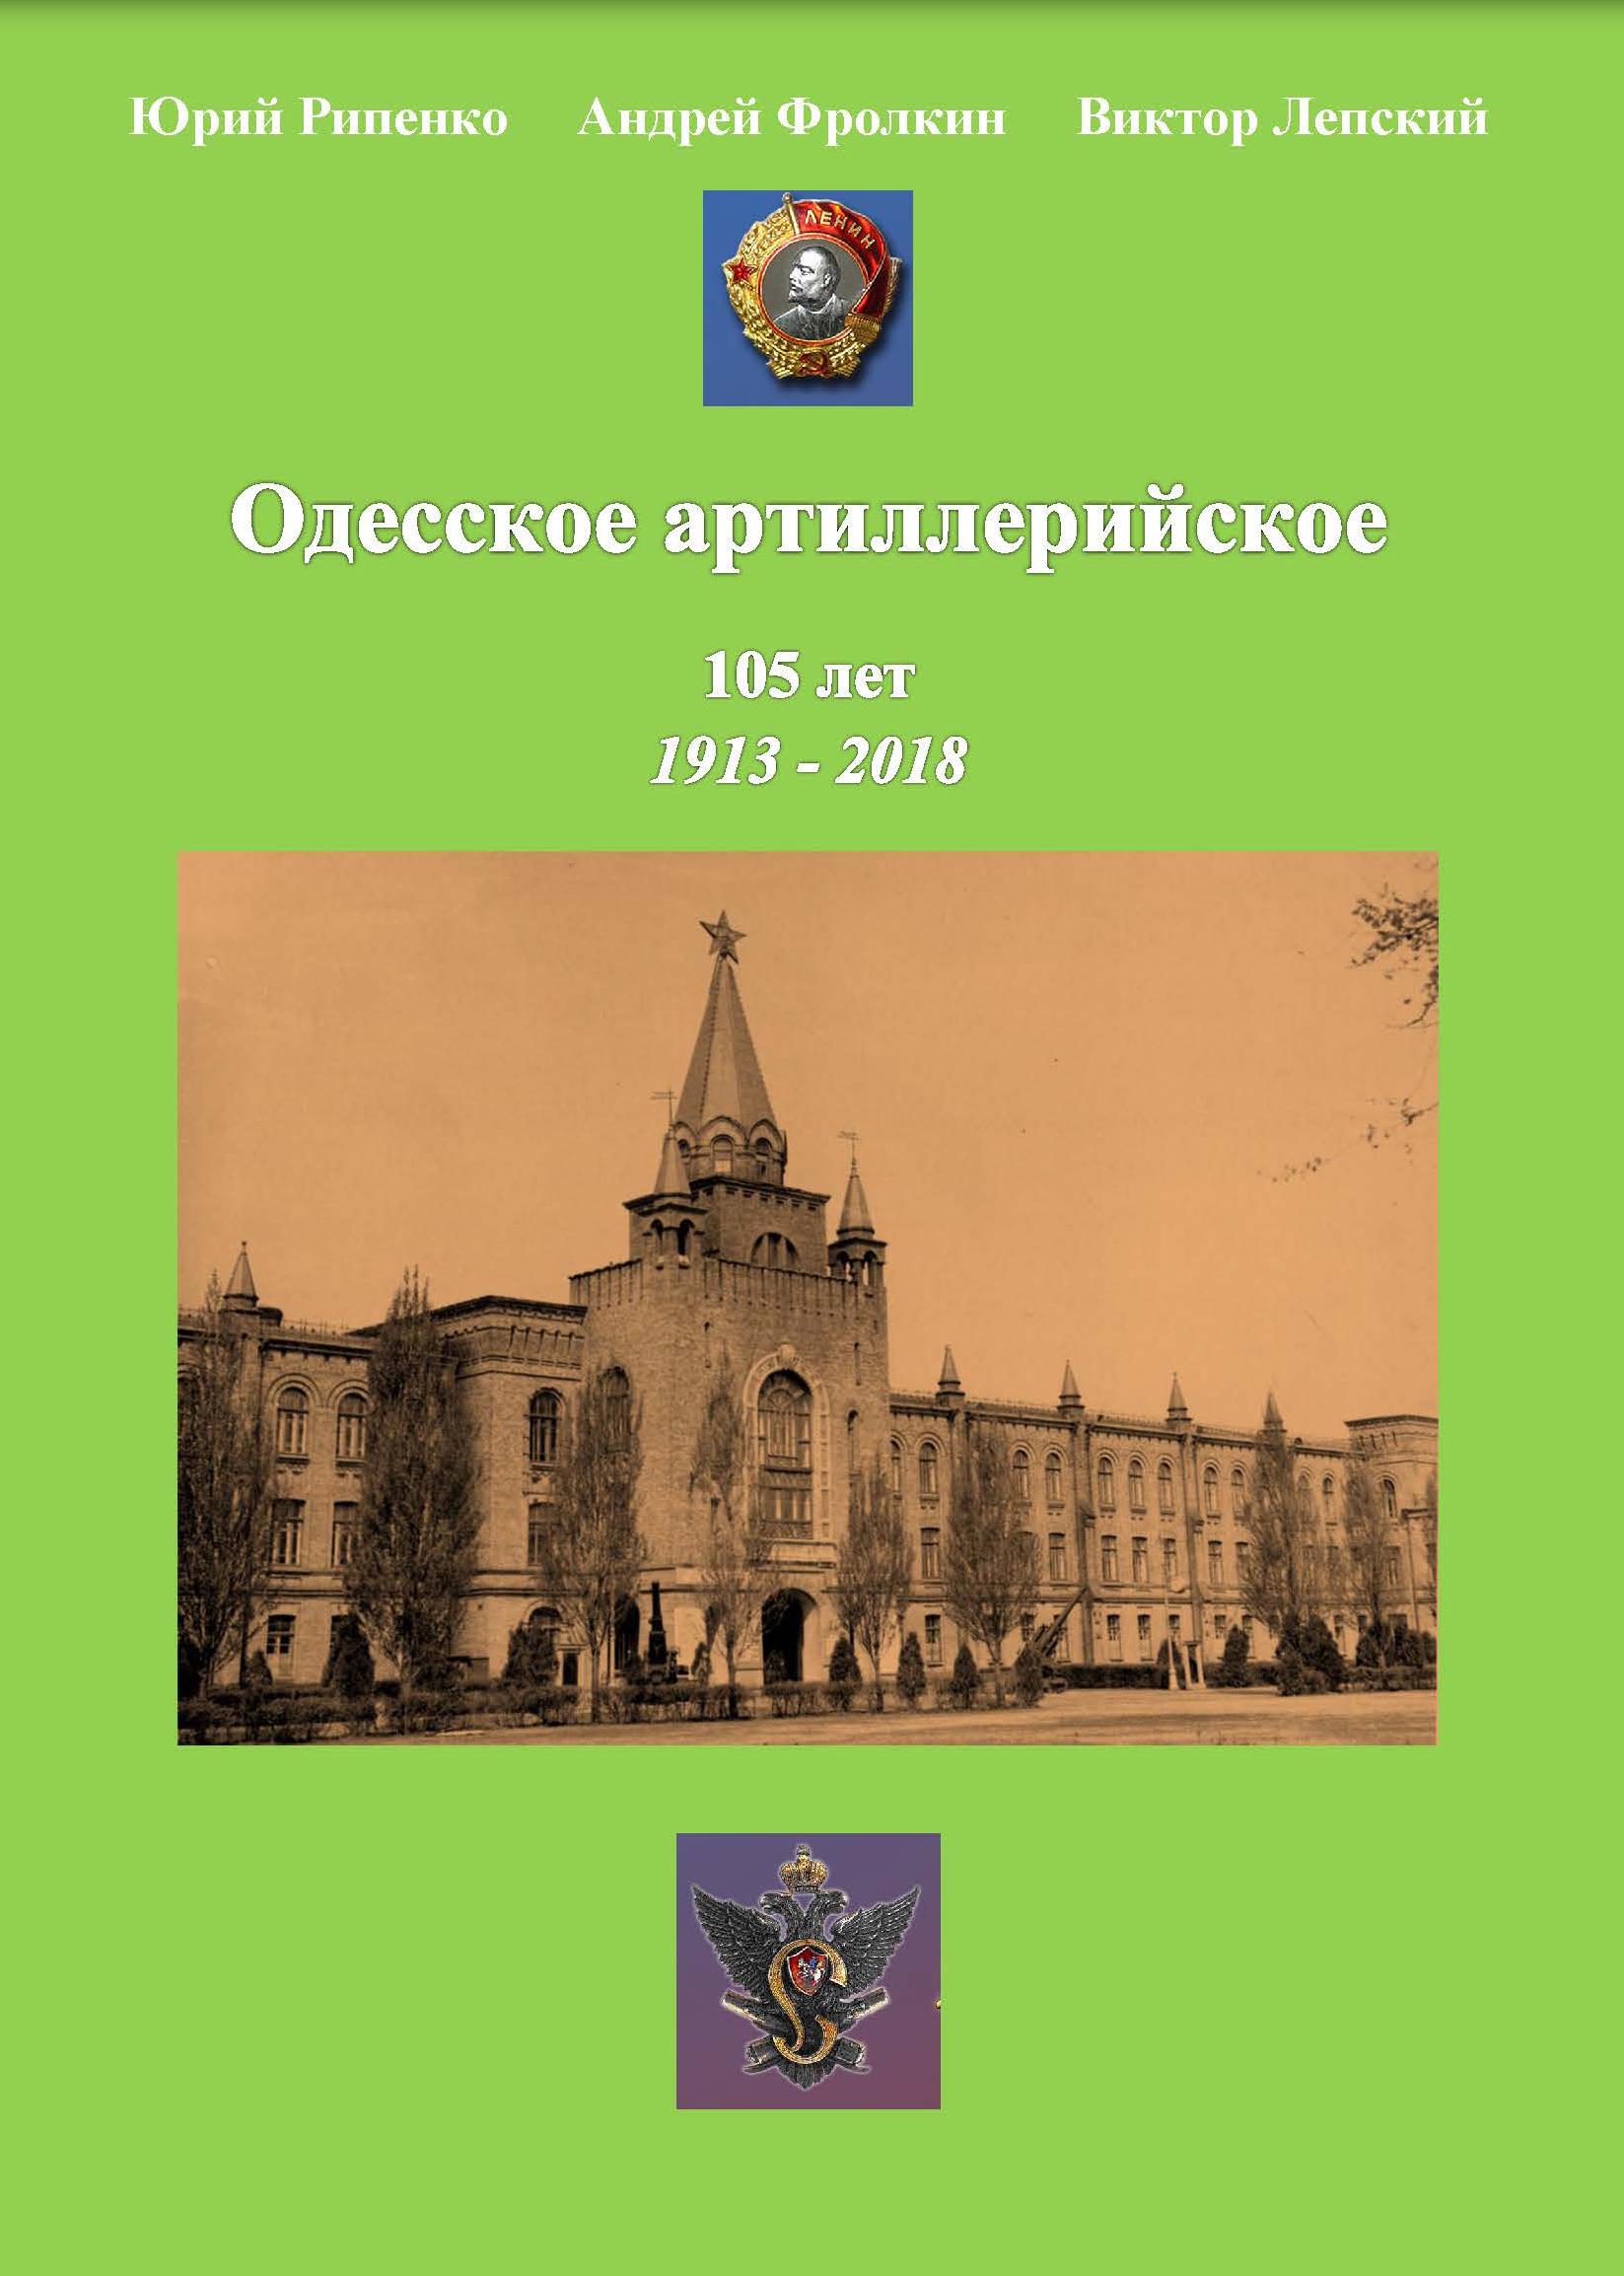 Одесское артиллерийское. 1913-2018. Исторический очерк